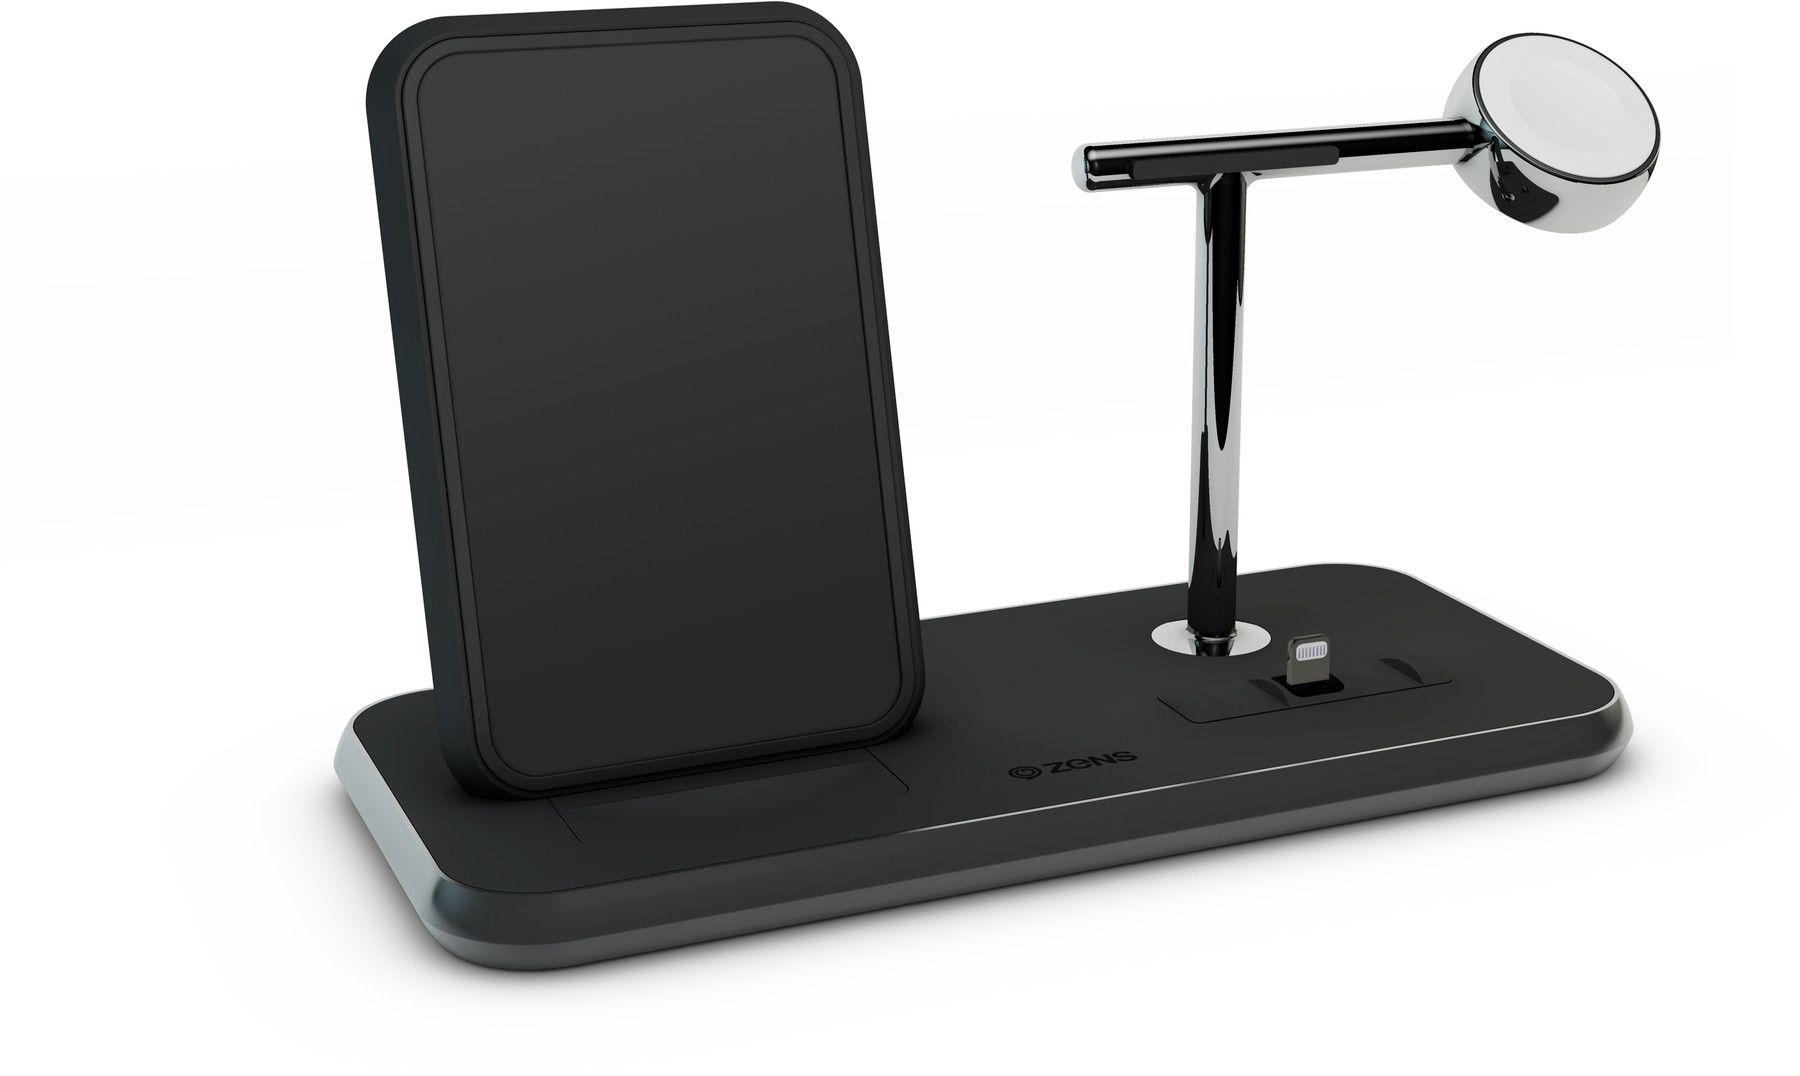 Zens Stand + Dock + Watch Wireless Charger  - Svart